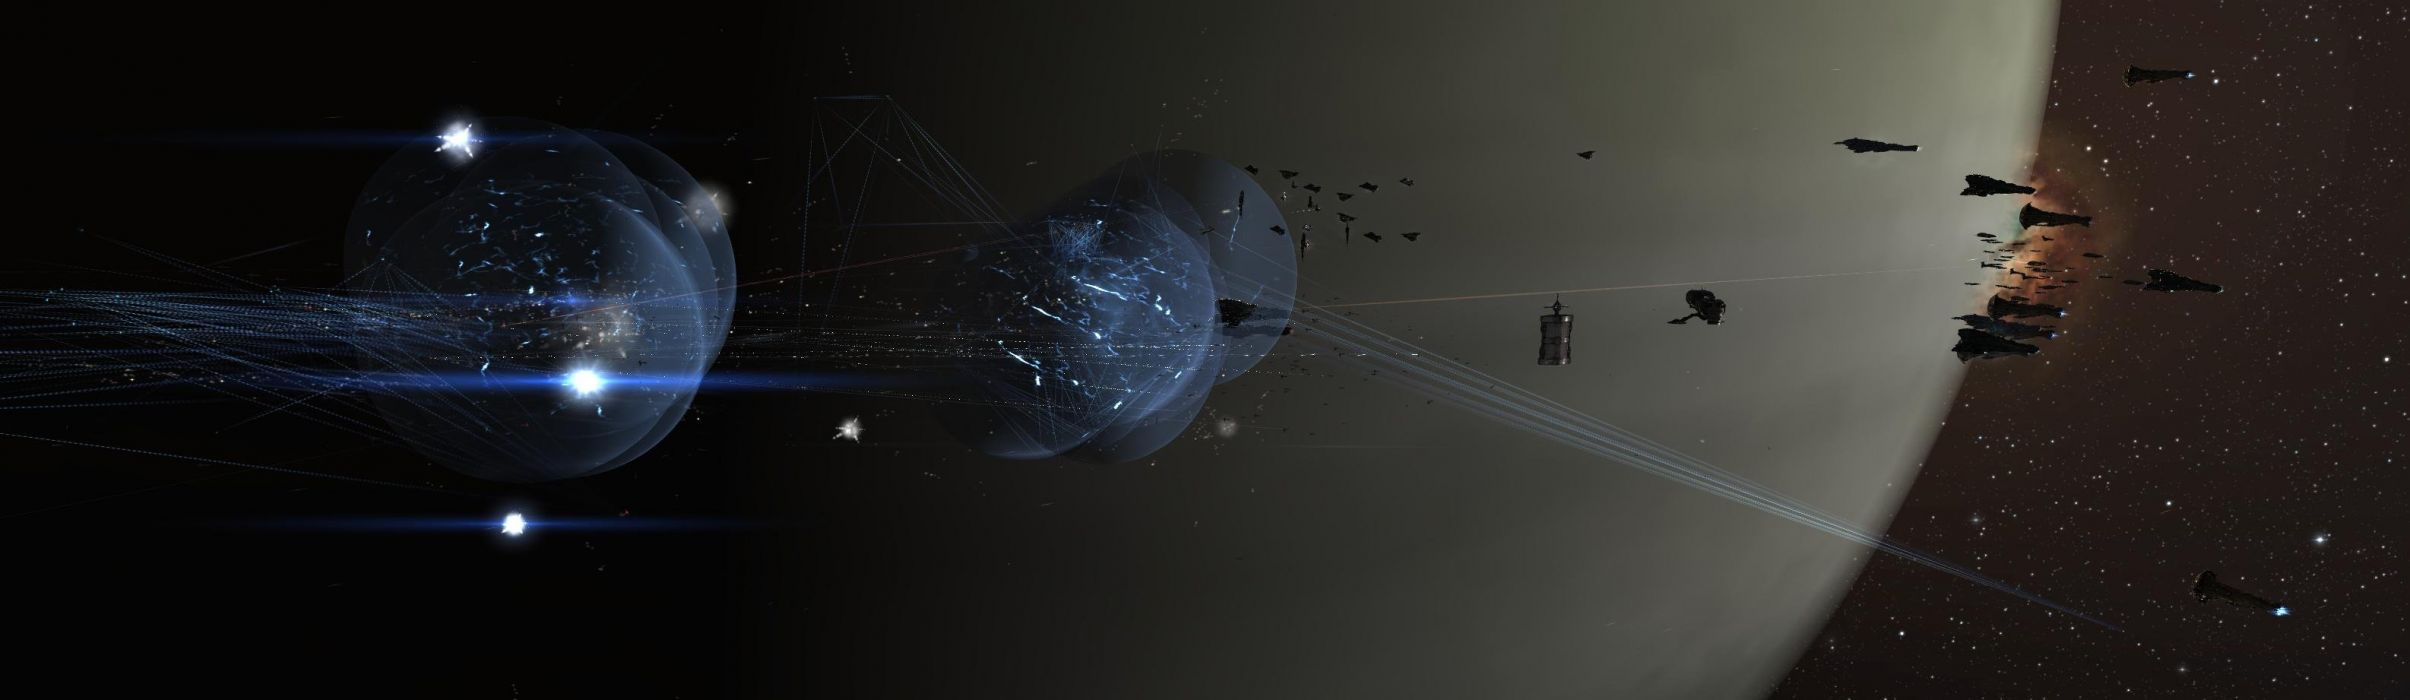 ASTRO EMPIRE ONLINE sci-fi mmo futuristic game spaceship planet wallpaper